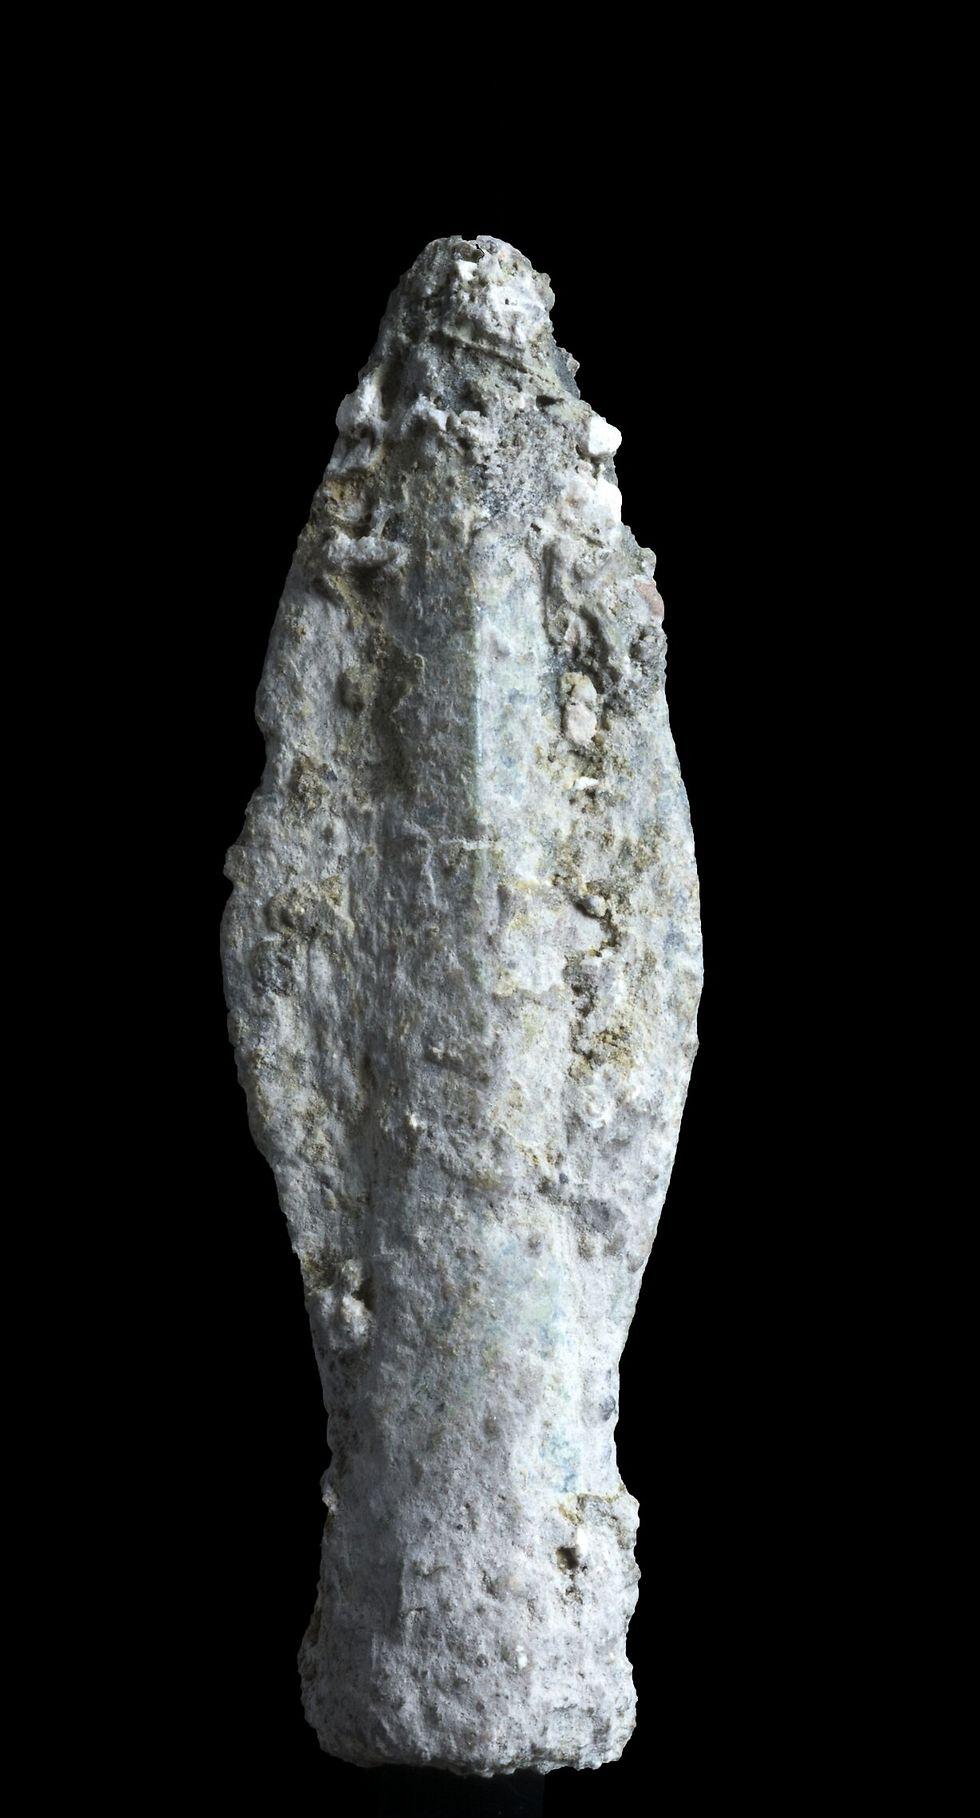 ראש חץ סקיתו-איראני ( צילום: קלרה עמית, באדיבות רשות העתיקות) ( צילום: קלרה עמית, באדיבות רשות העתיקות)